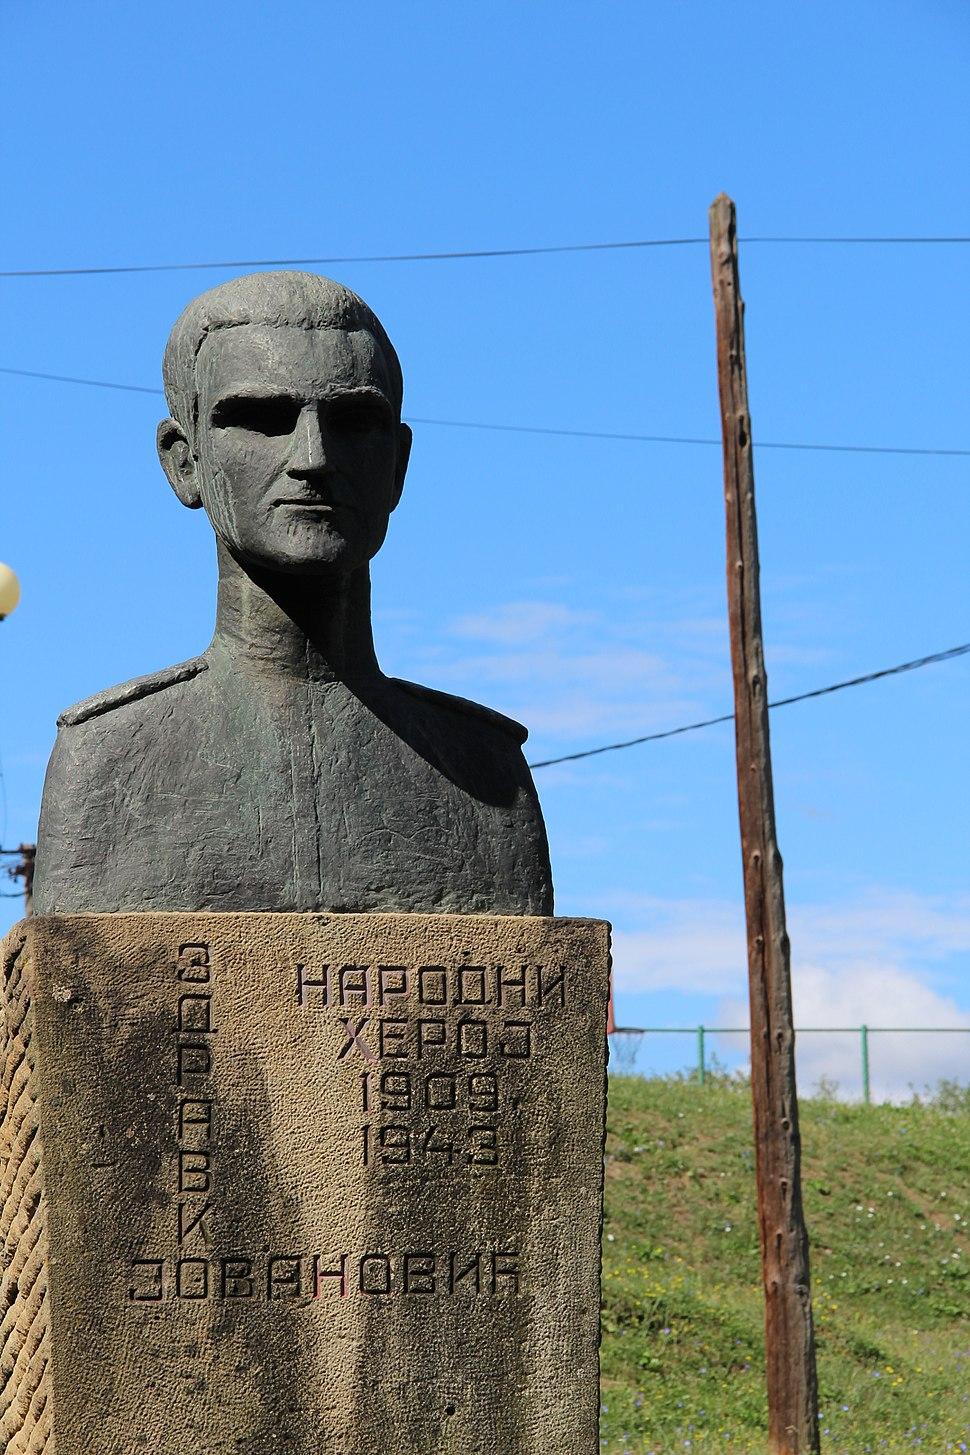 Selo Valjevska Kamenica - opština Valjevo - zapadna Srbija - spomenik Zdravku Jovanoću autora Vide Jocić 1